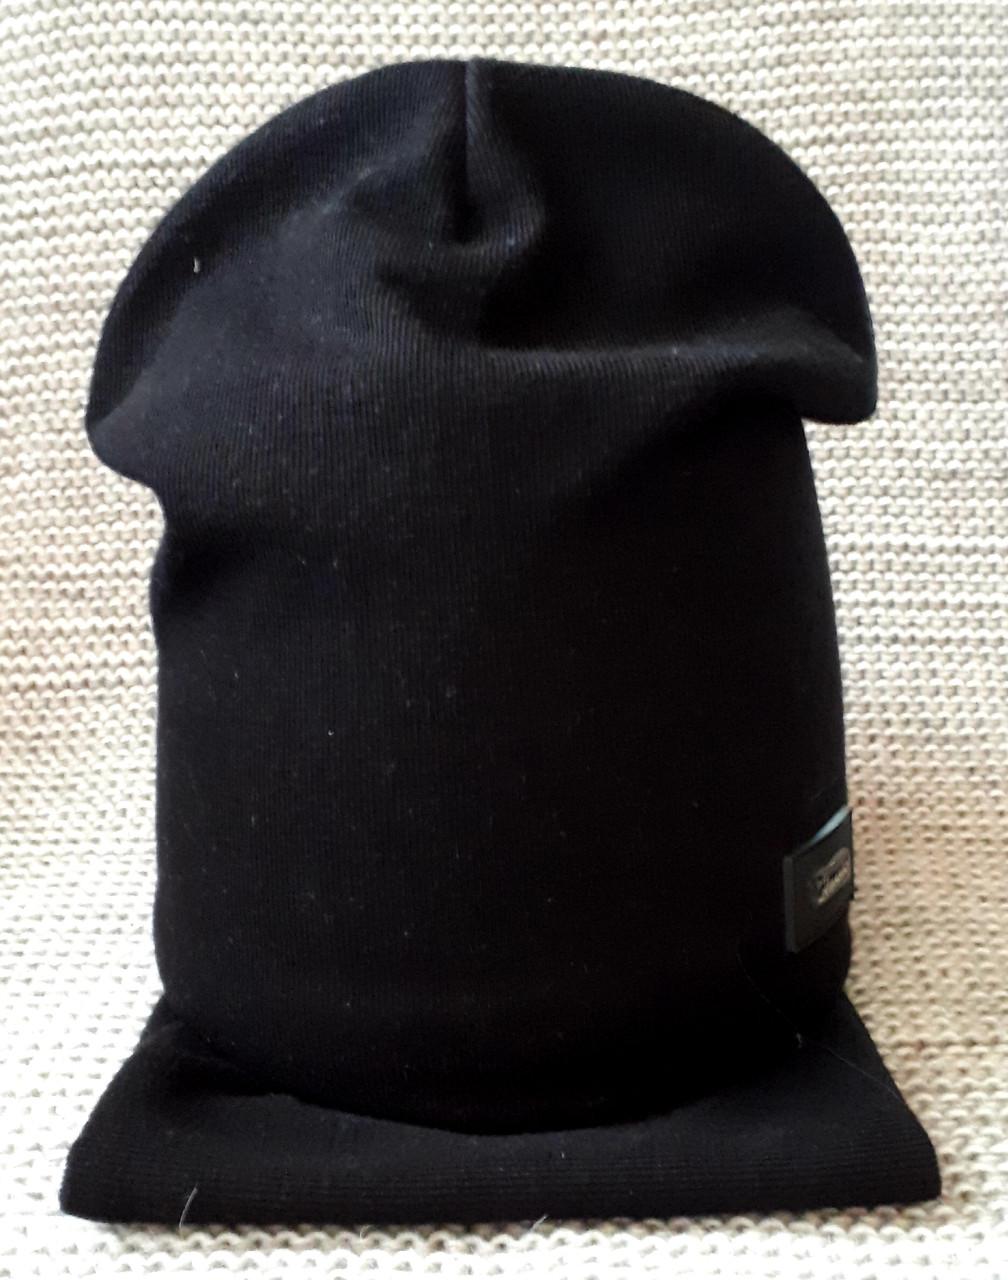 Комплект шапка + хомут  на мальчика весна-осень черного цвета Fido (Польша) размер 50 52